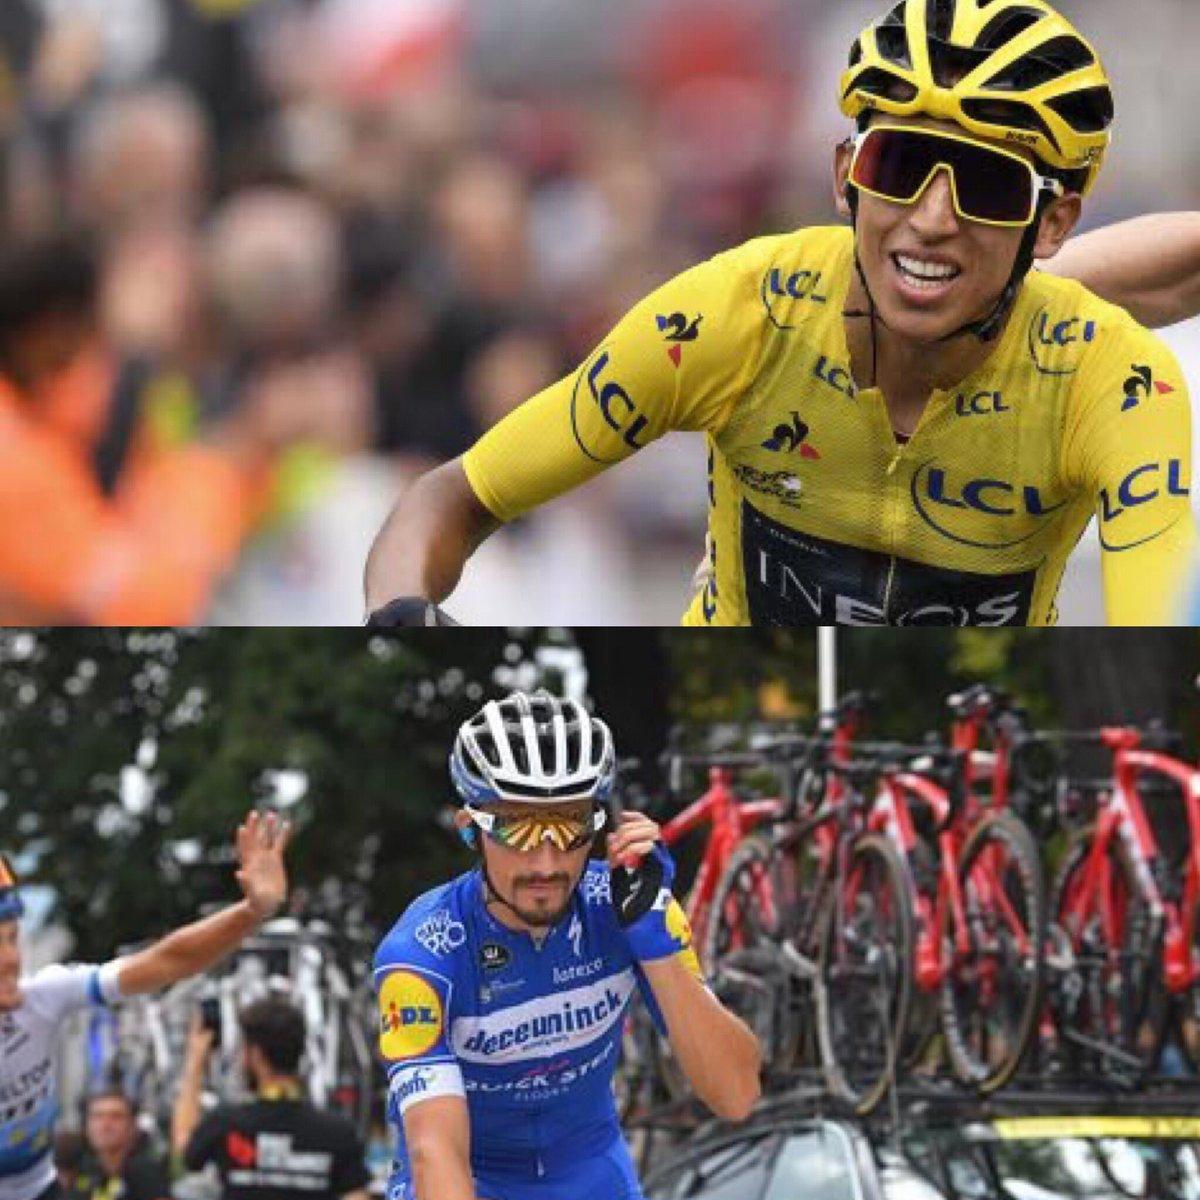 Félicitations à Ergan Bernal vainqueur d'un exceptionnel Tour de France 2019 et un grand coup de chapeau à Julian Alaphilippe🇫🇷 Congratulations to Ergan Bernal winner of an exceptional Tour de France 2019 and a big up to Julian Alaphillippe 🇫🇷